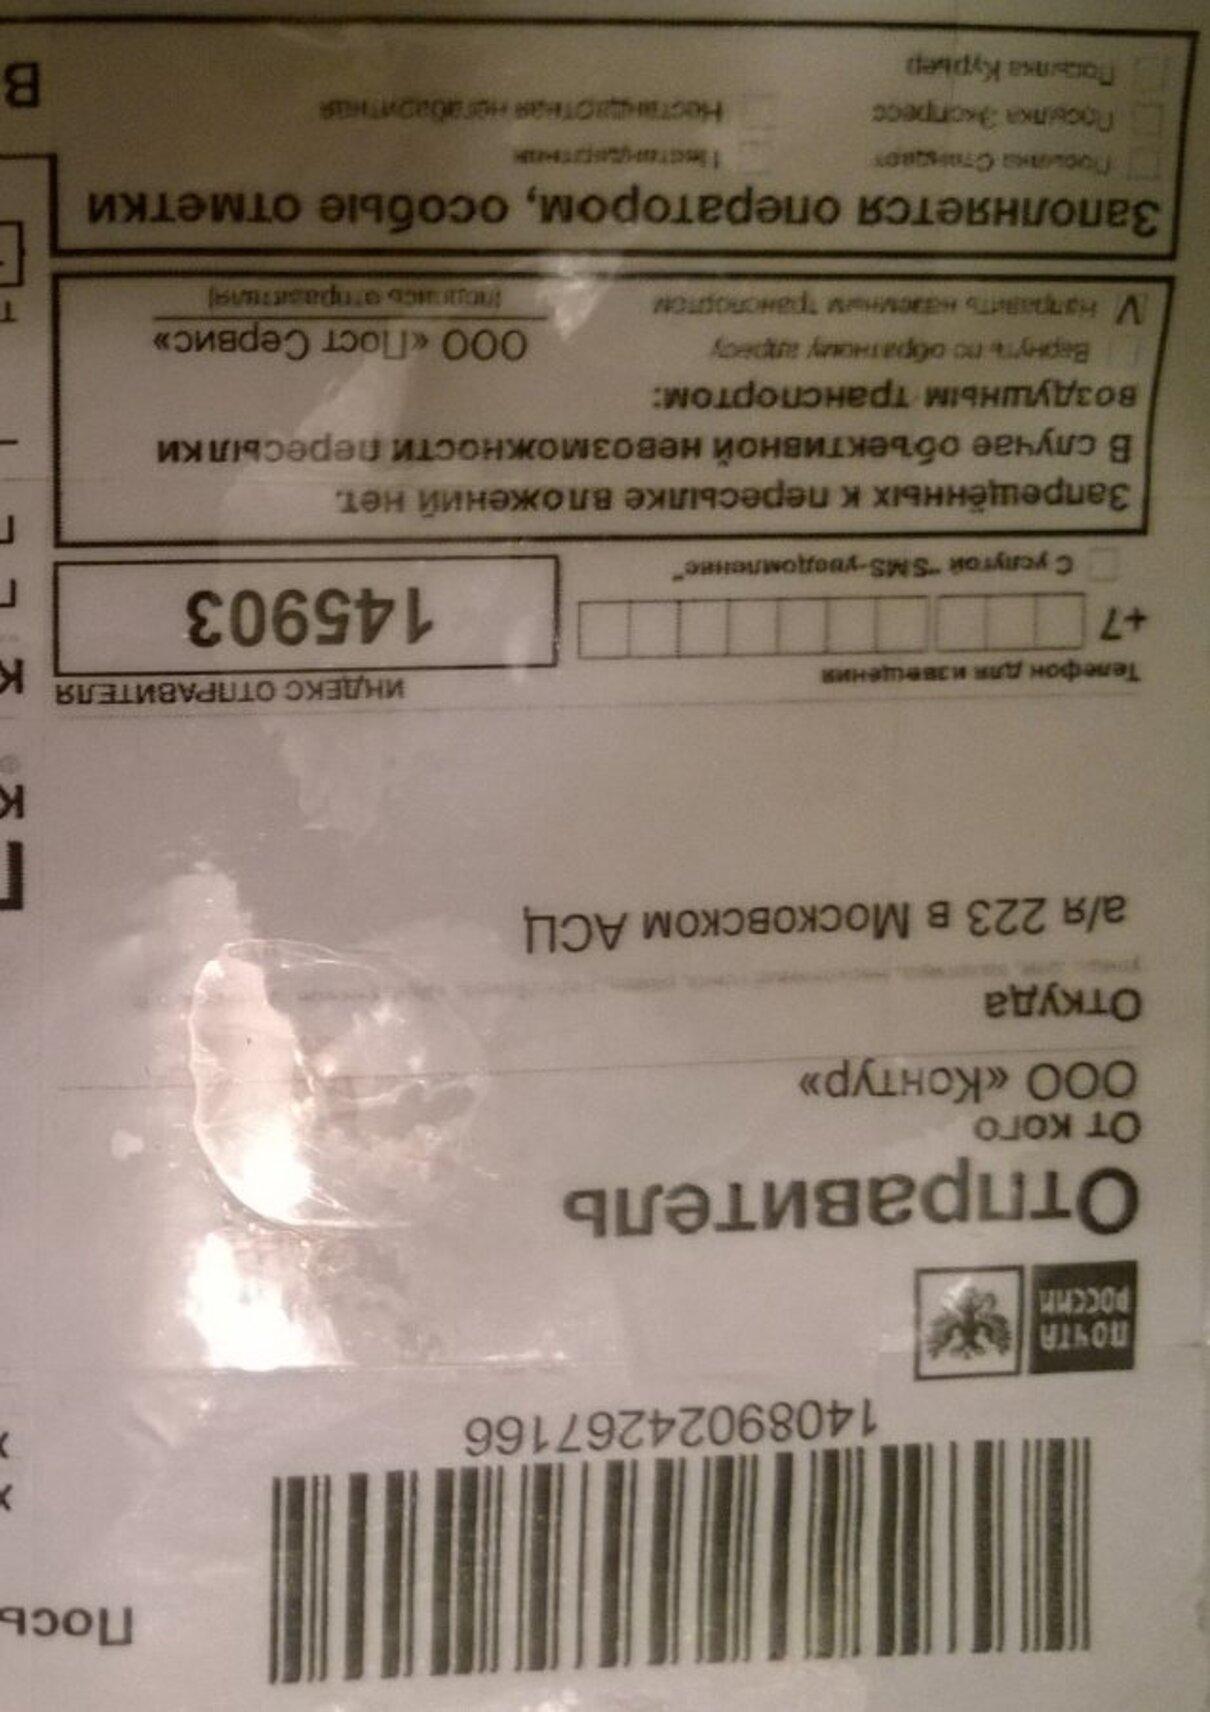 Жалоба-отзыв: Ooonika.info@gmail.com - Вместо Виниров прислали ополаскиватель для зубов.  Фото №4